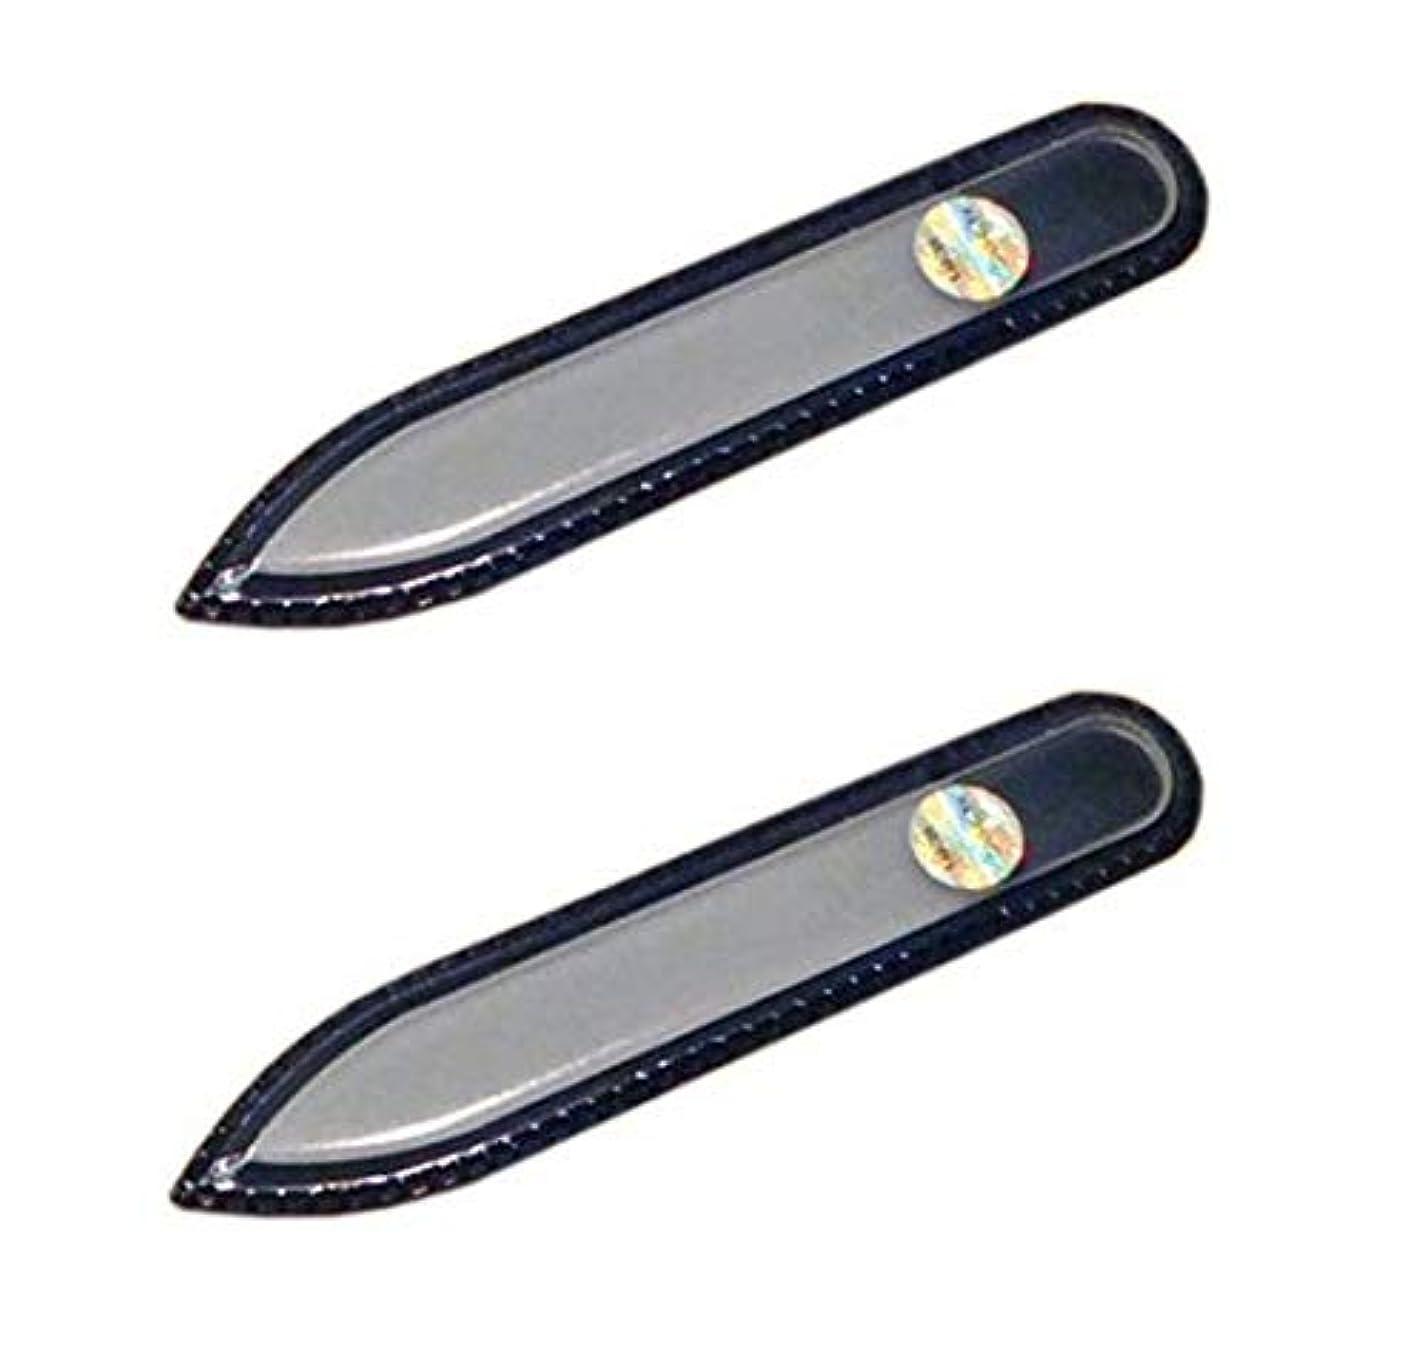 略す未亡人行商ブラジェク ガラス爪やすり 90mm 両面タイプ (ブラジェク ガラス爪やすり 90mm 両面タイプ 2個セット)